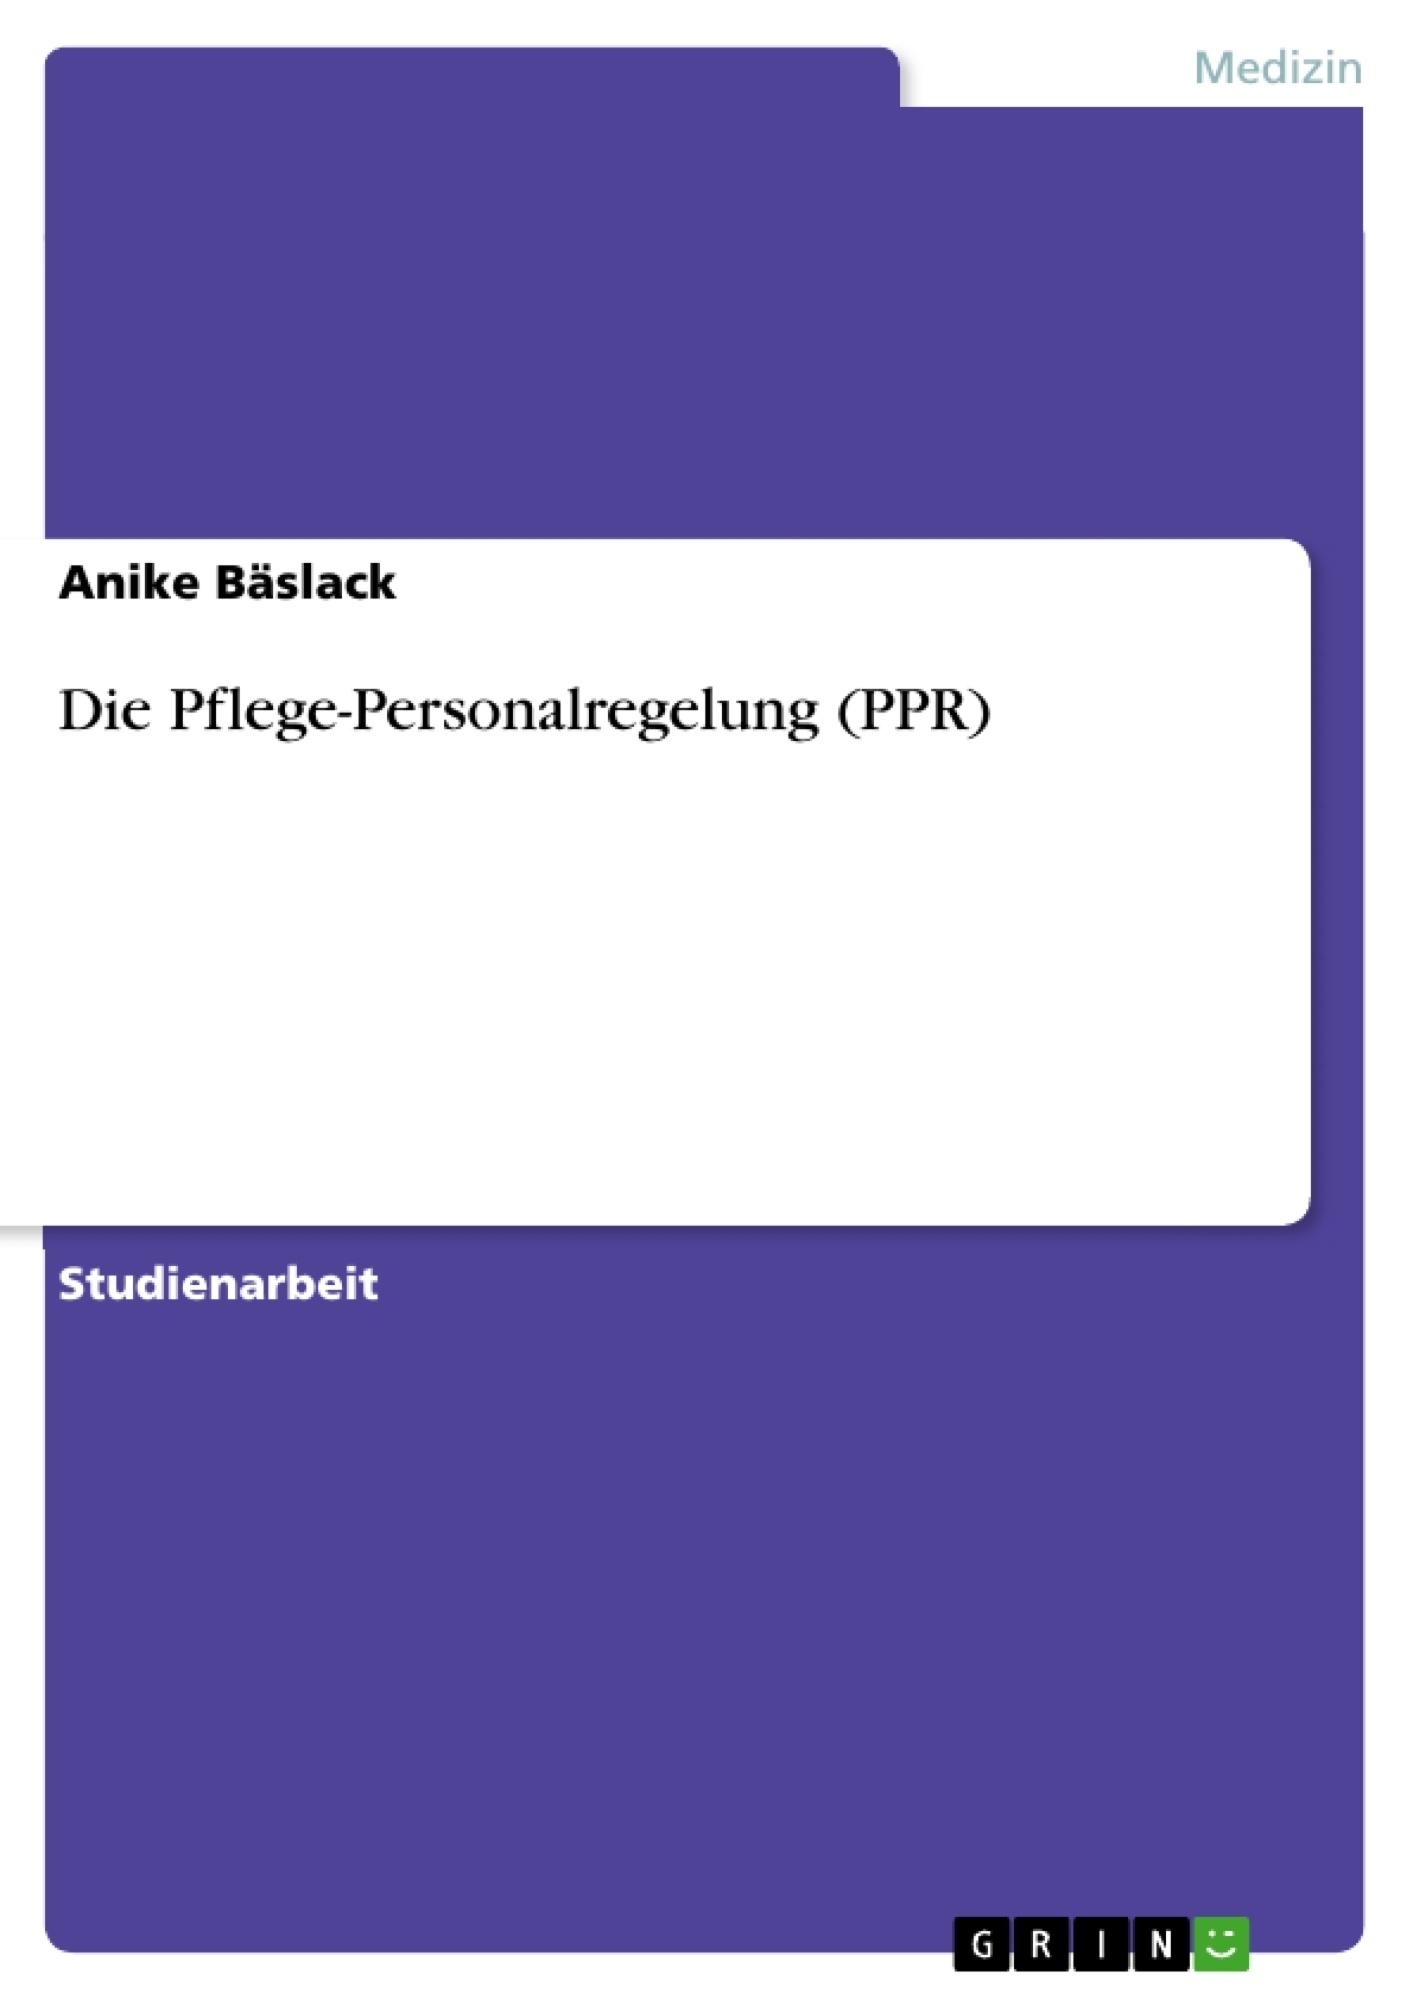 Titel: Die Pflege-Personalregelung (PPR)